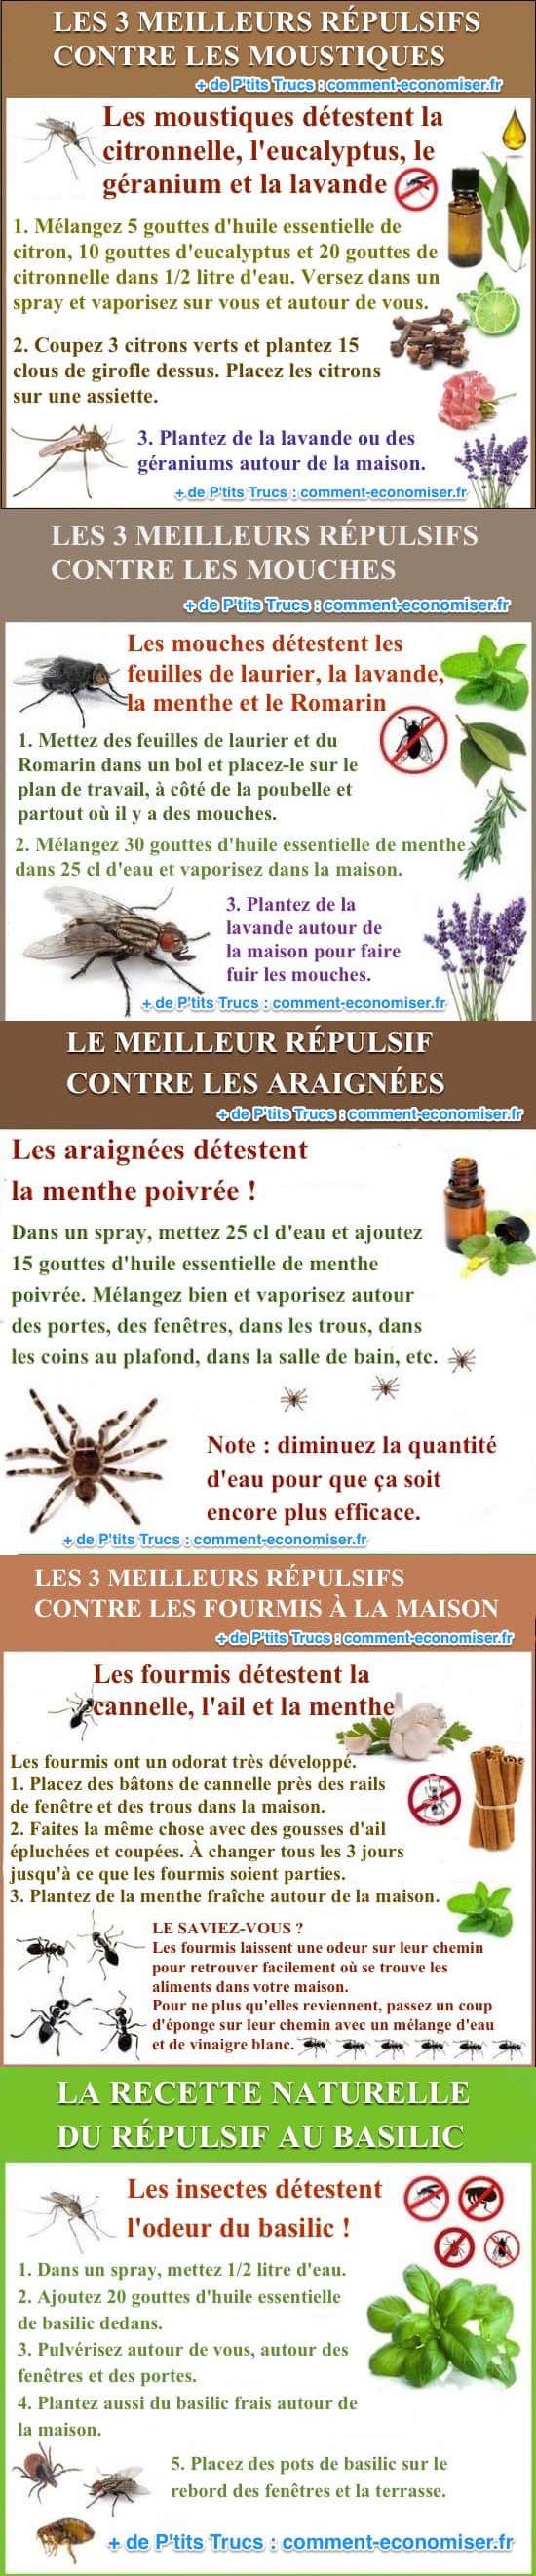 Les trucs et astuces naturels contre les insectes à la maison